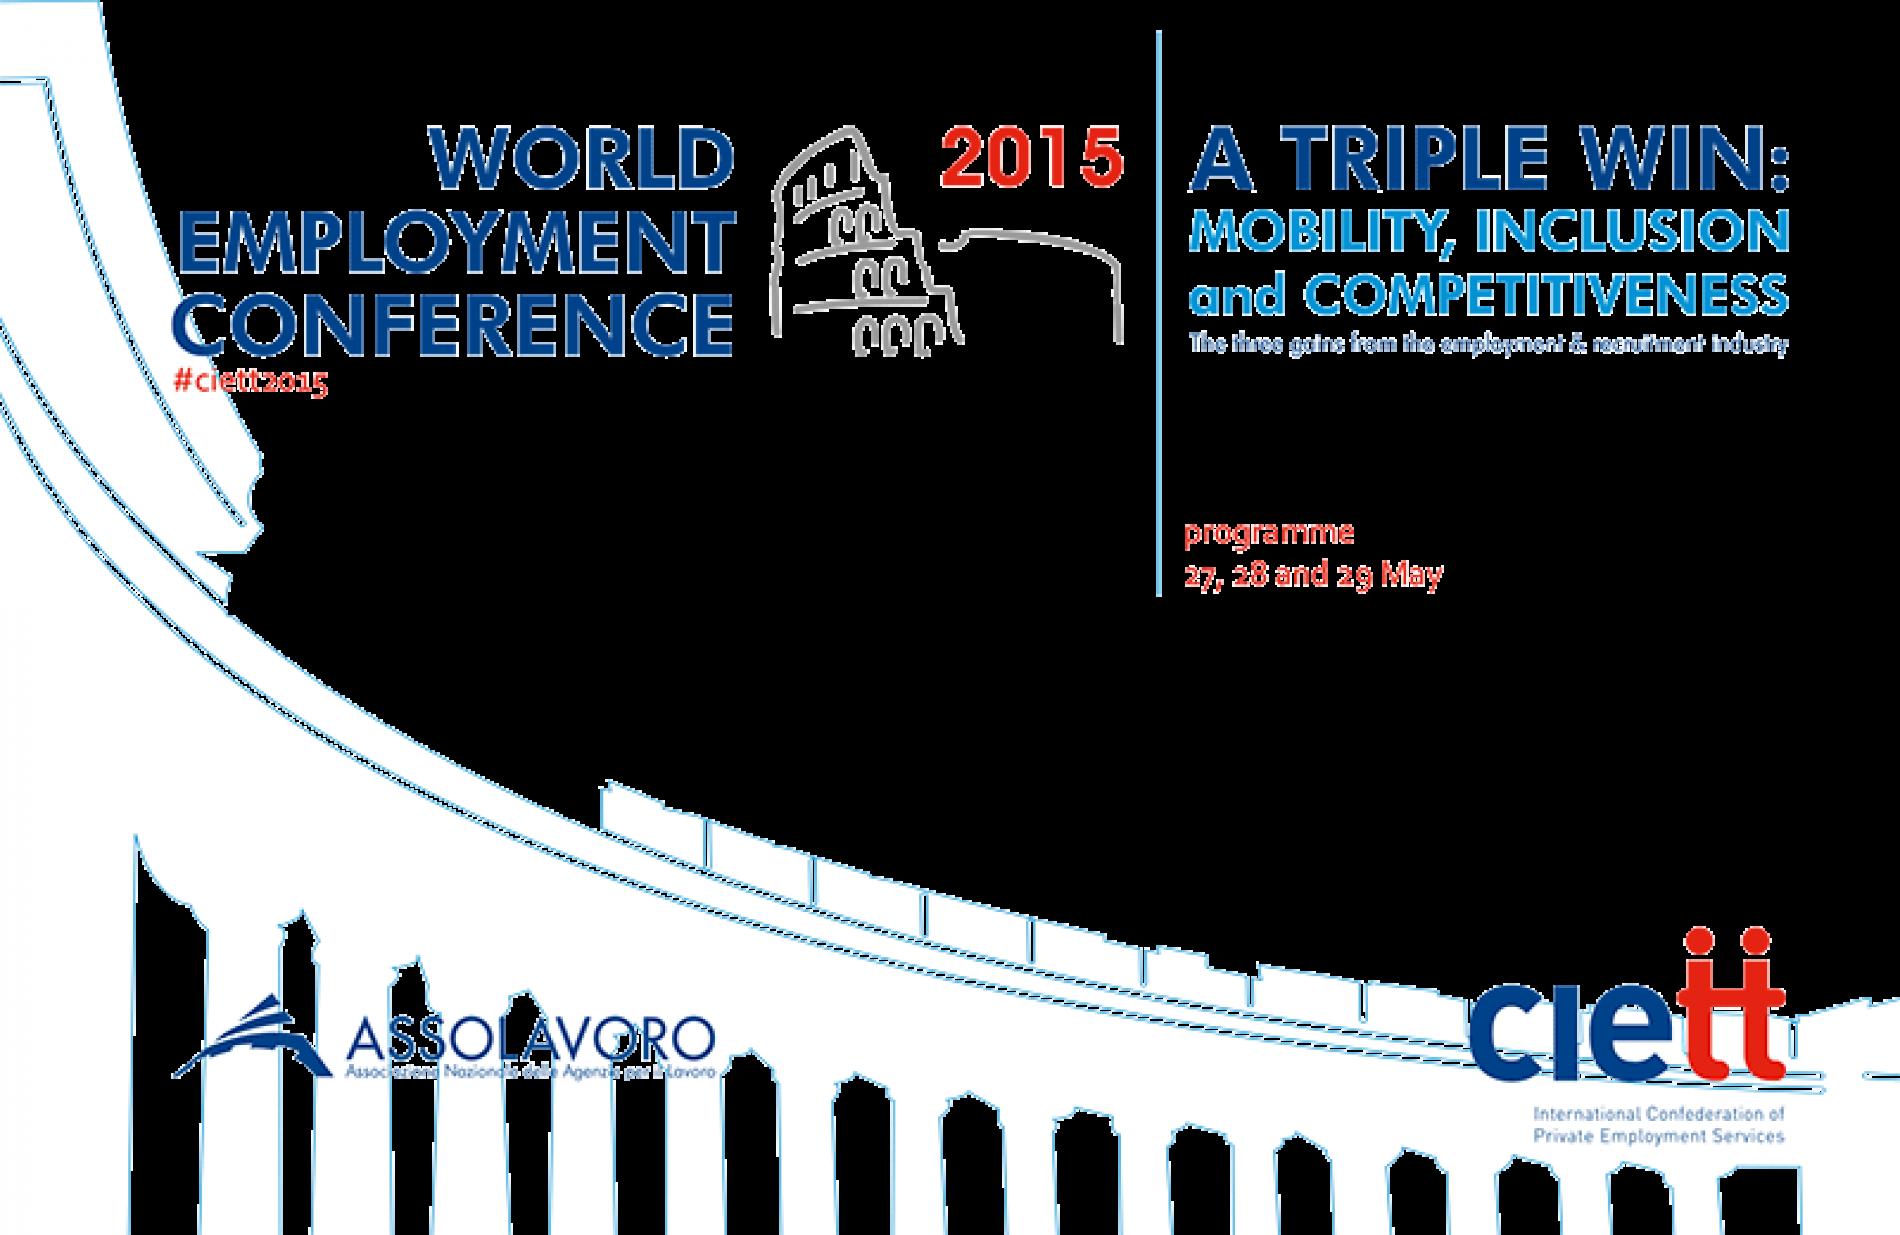 Agenzie per il lavoro : italia tra le best practice europee [ #ciett2015 #assolavoro]